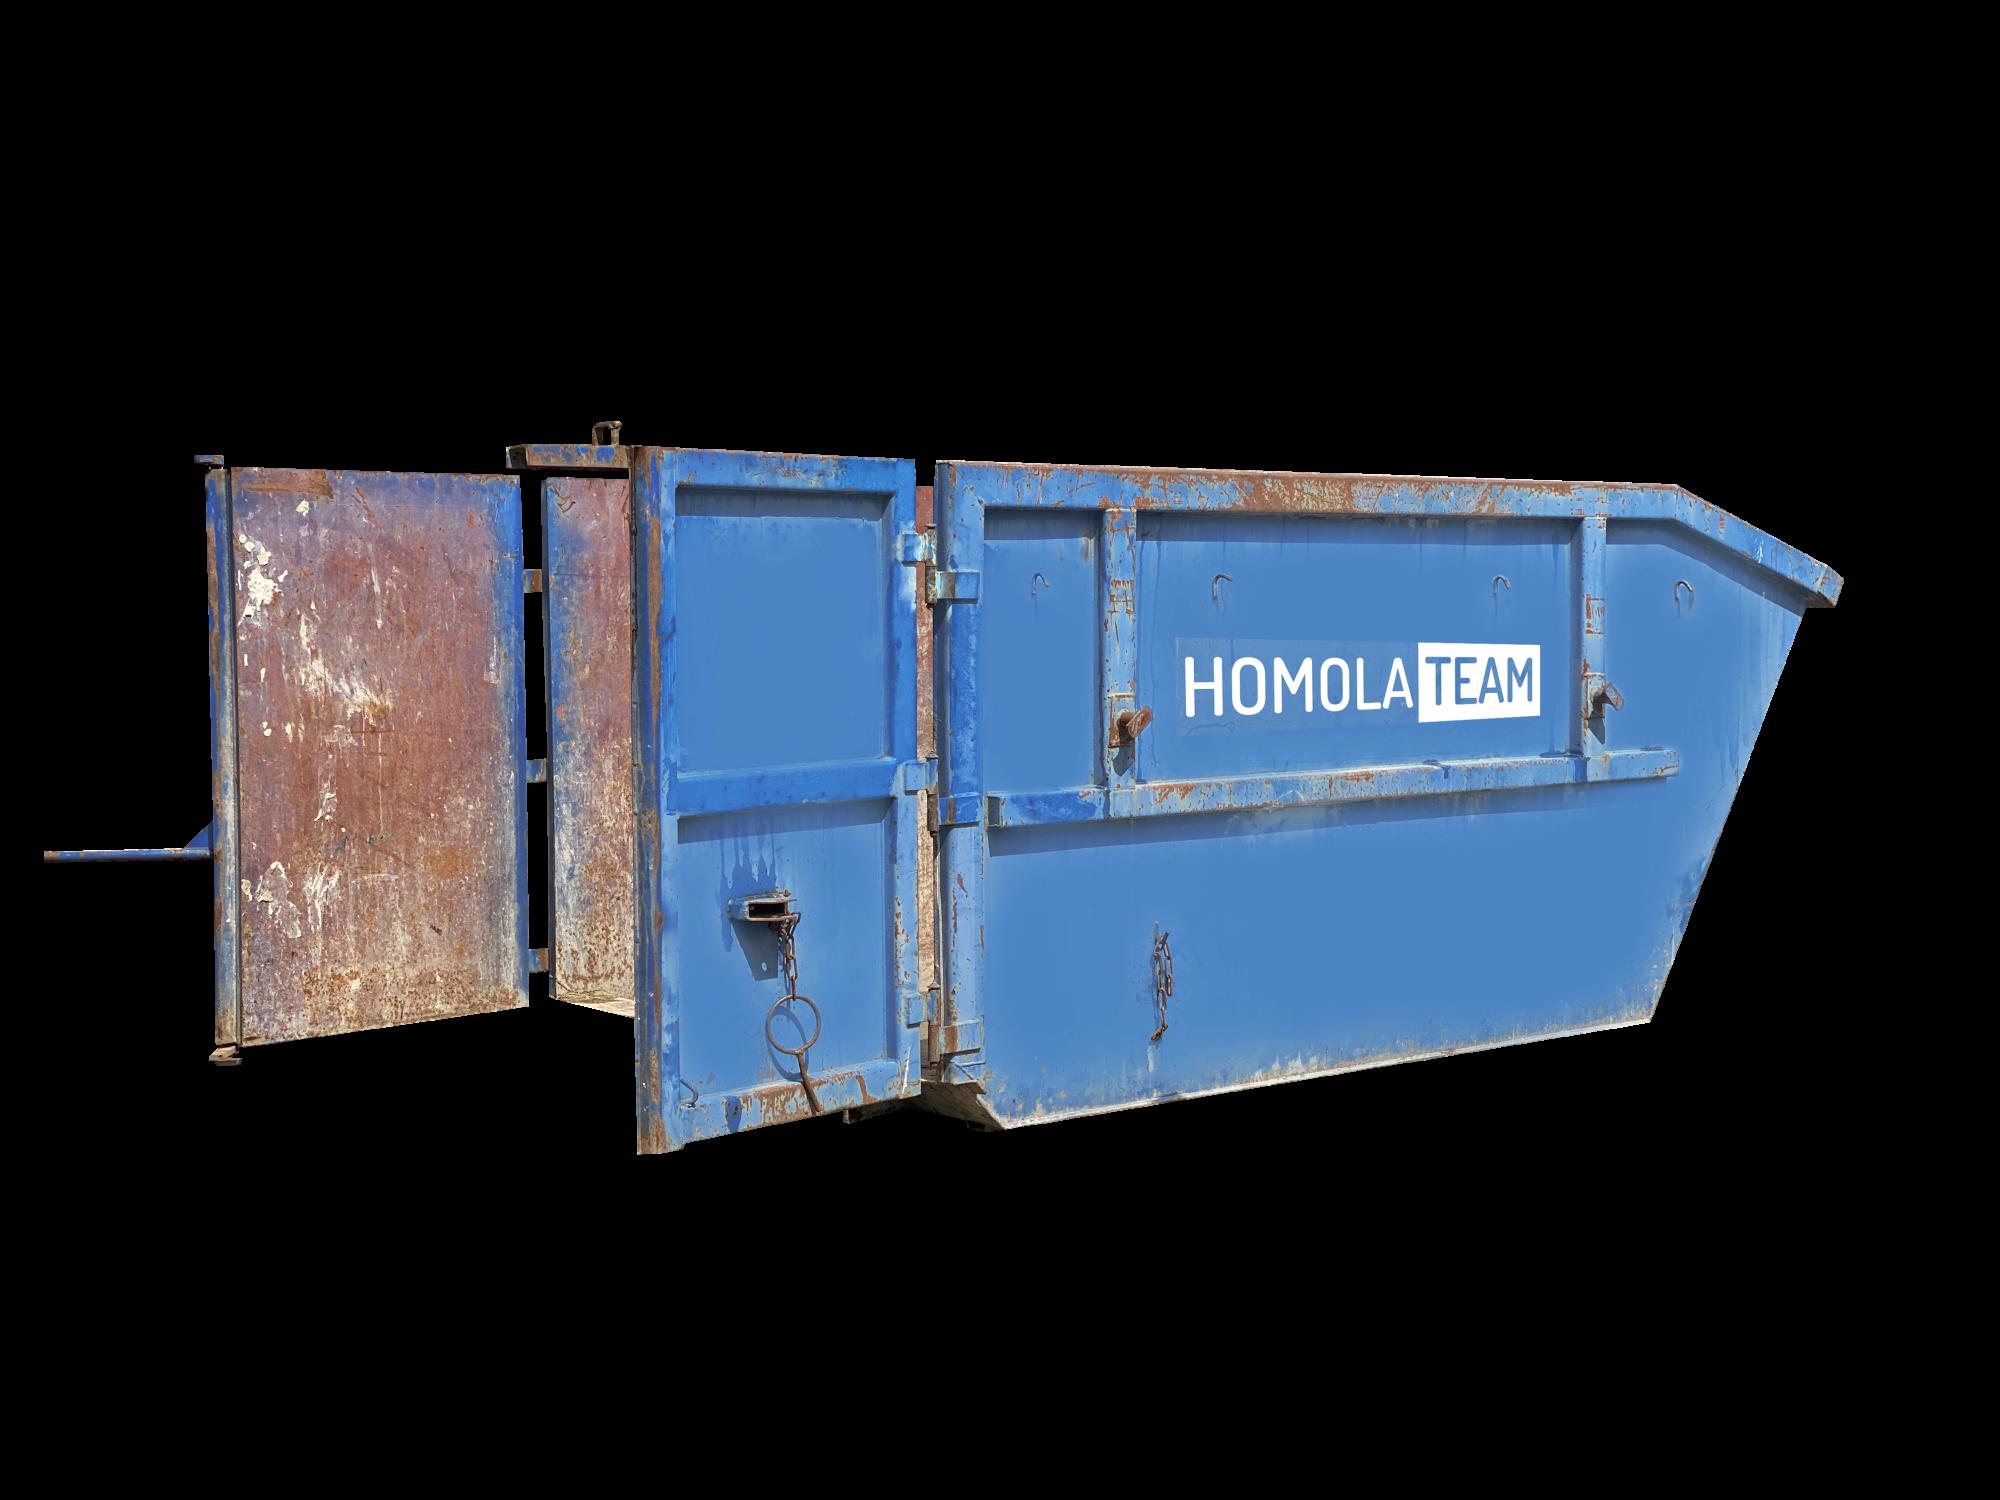 homolateam homola, veľkokapacitné kontajnery bratislava najlacnejšia cena